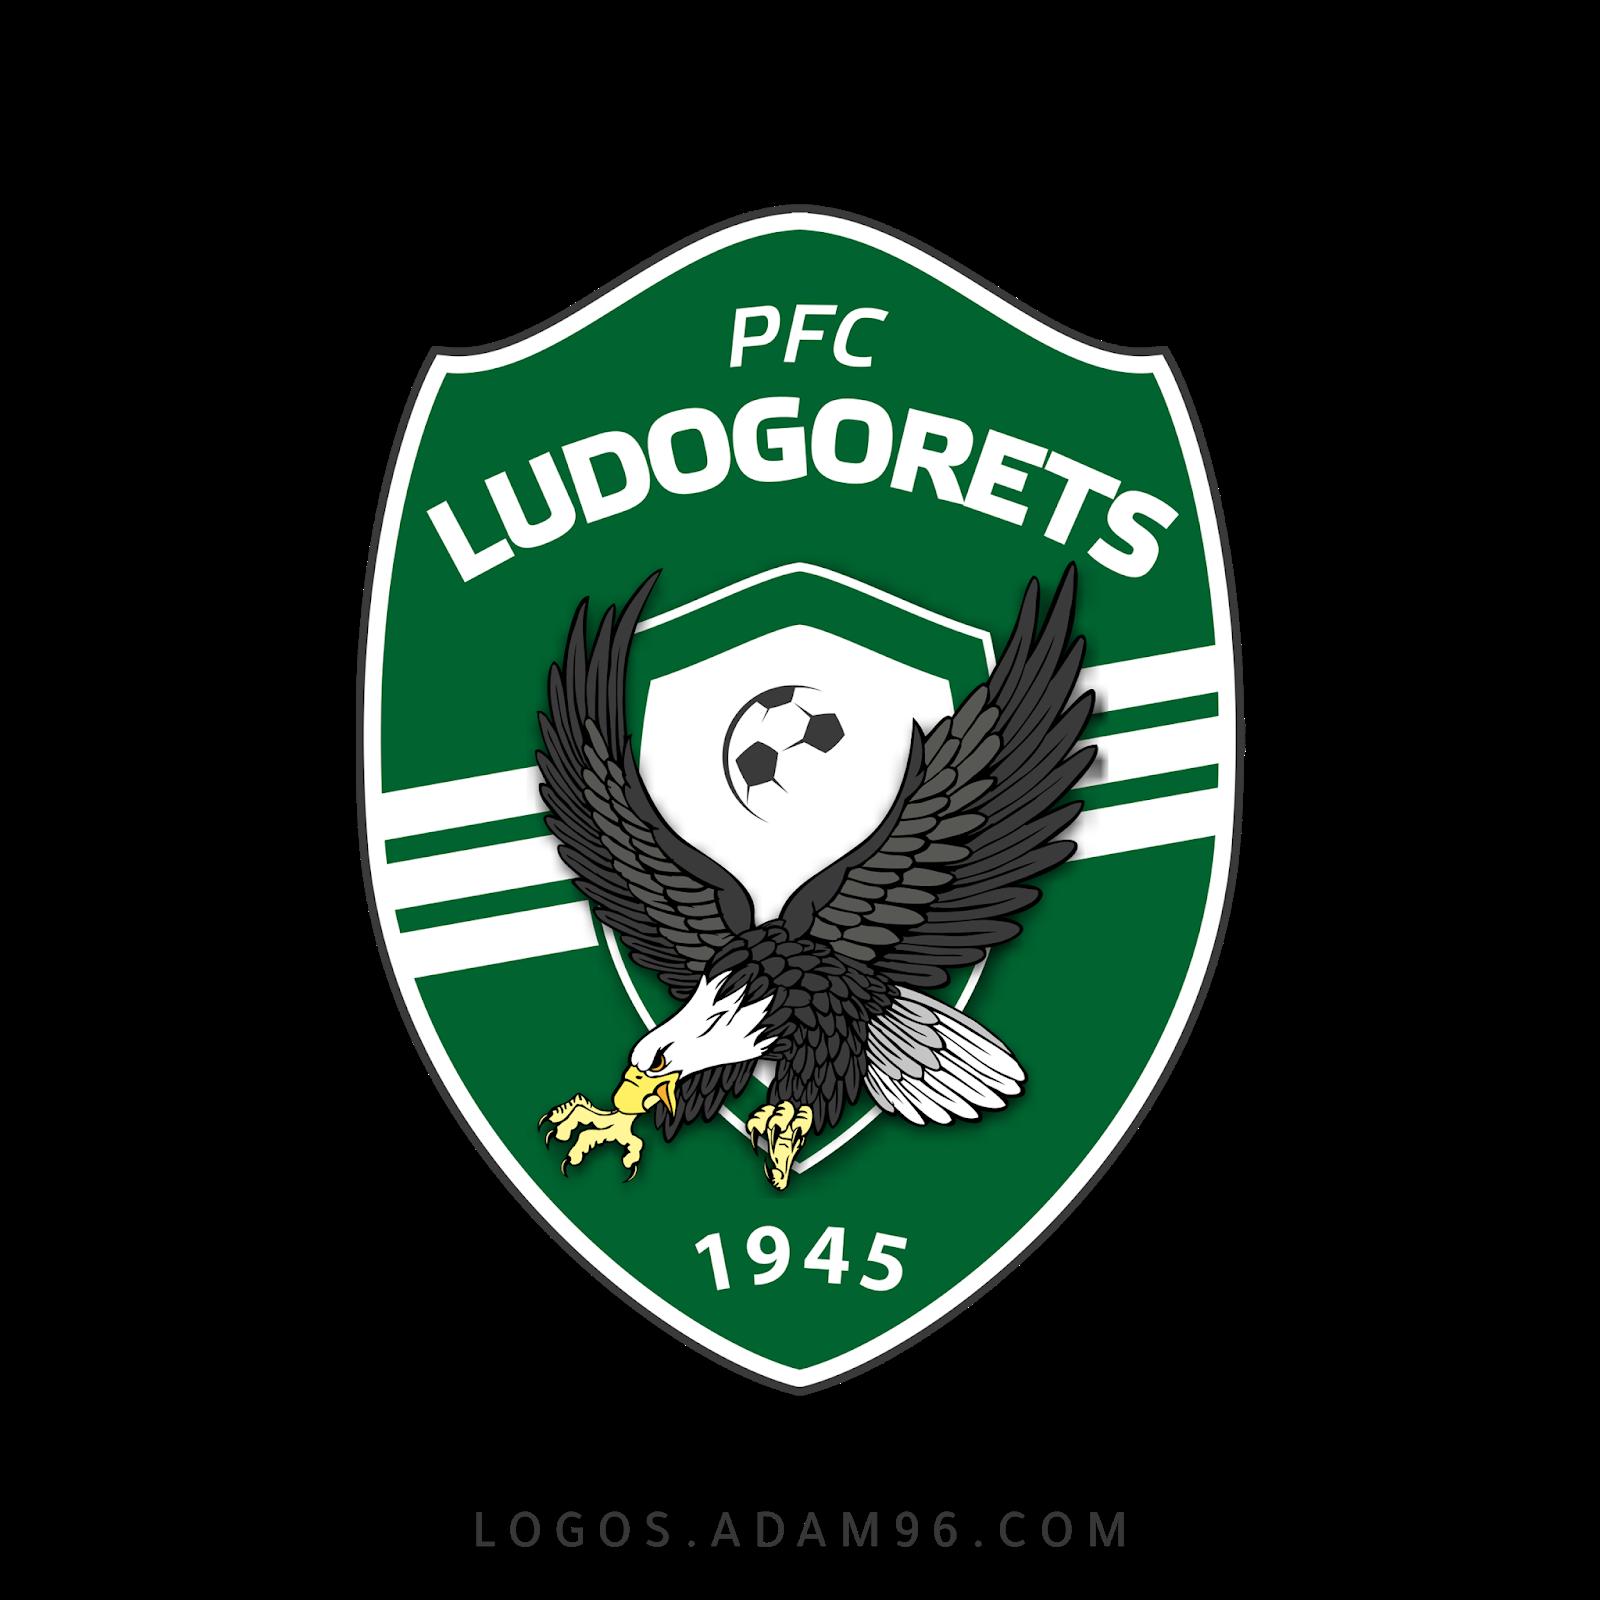 Ludogorets Club